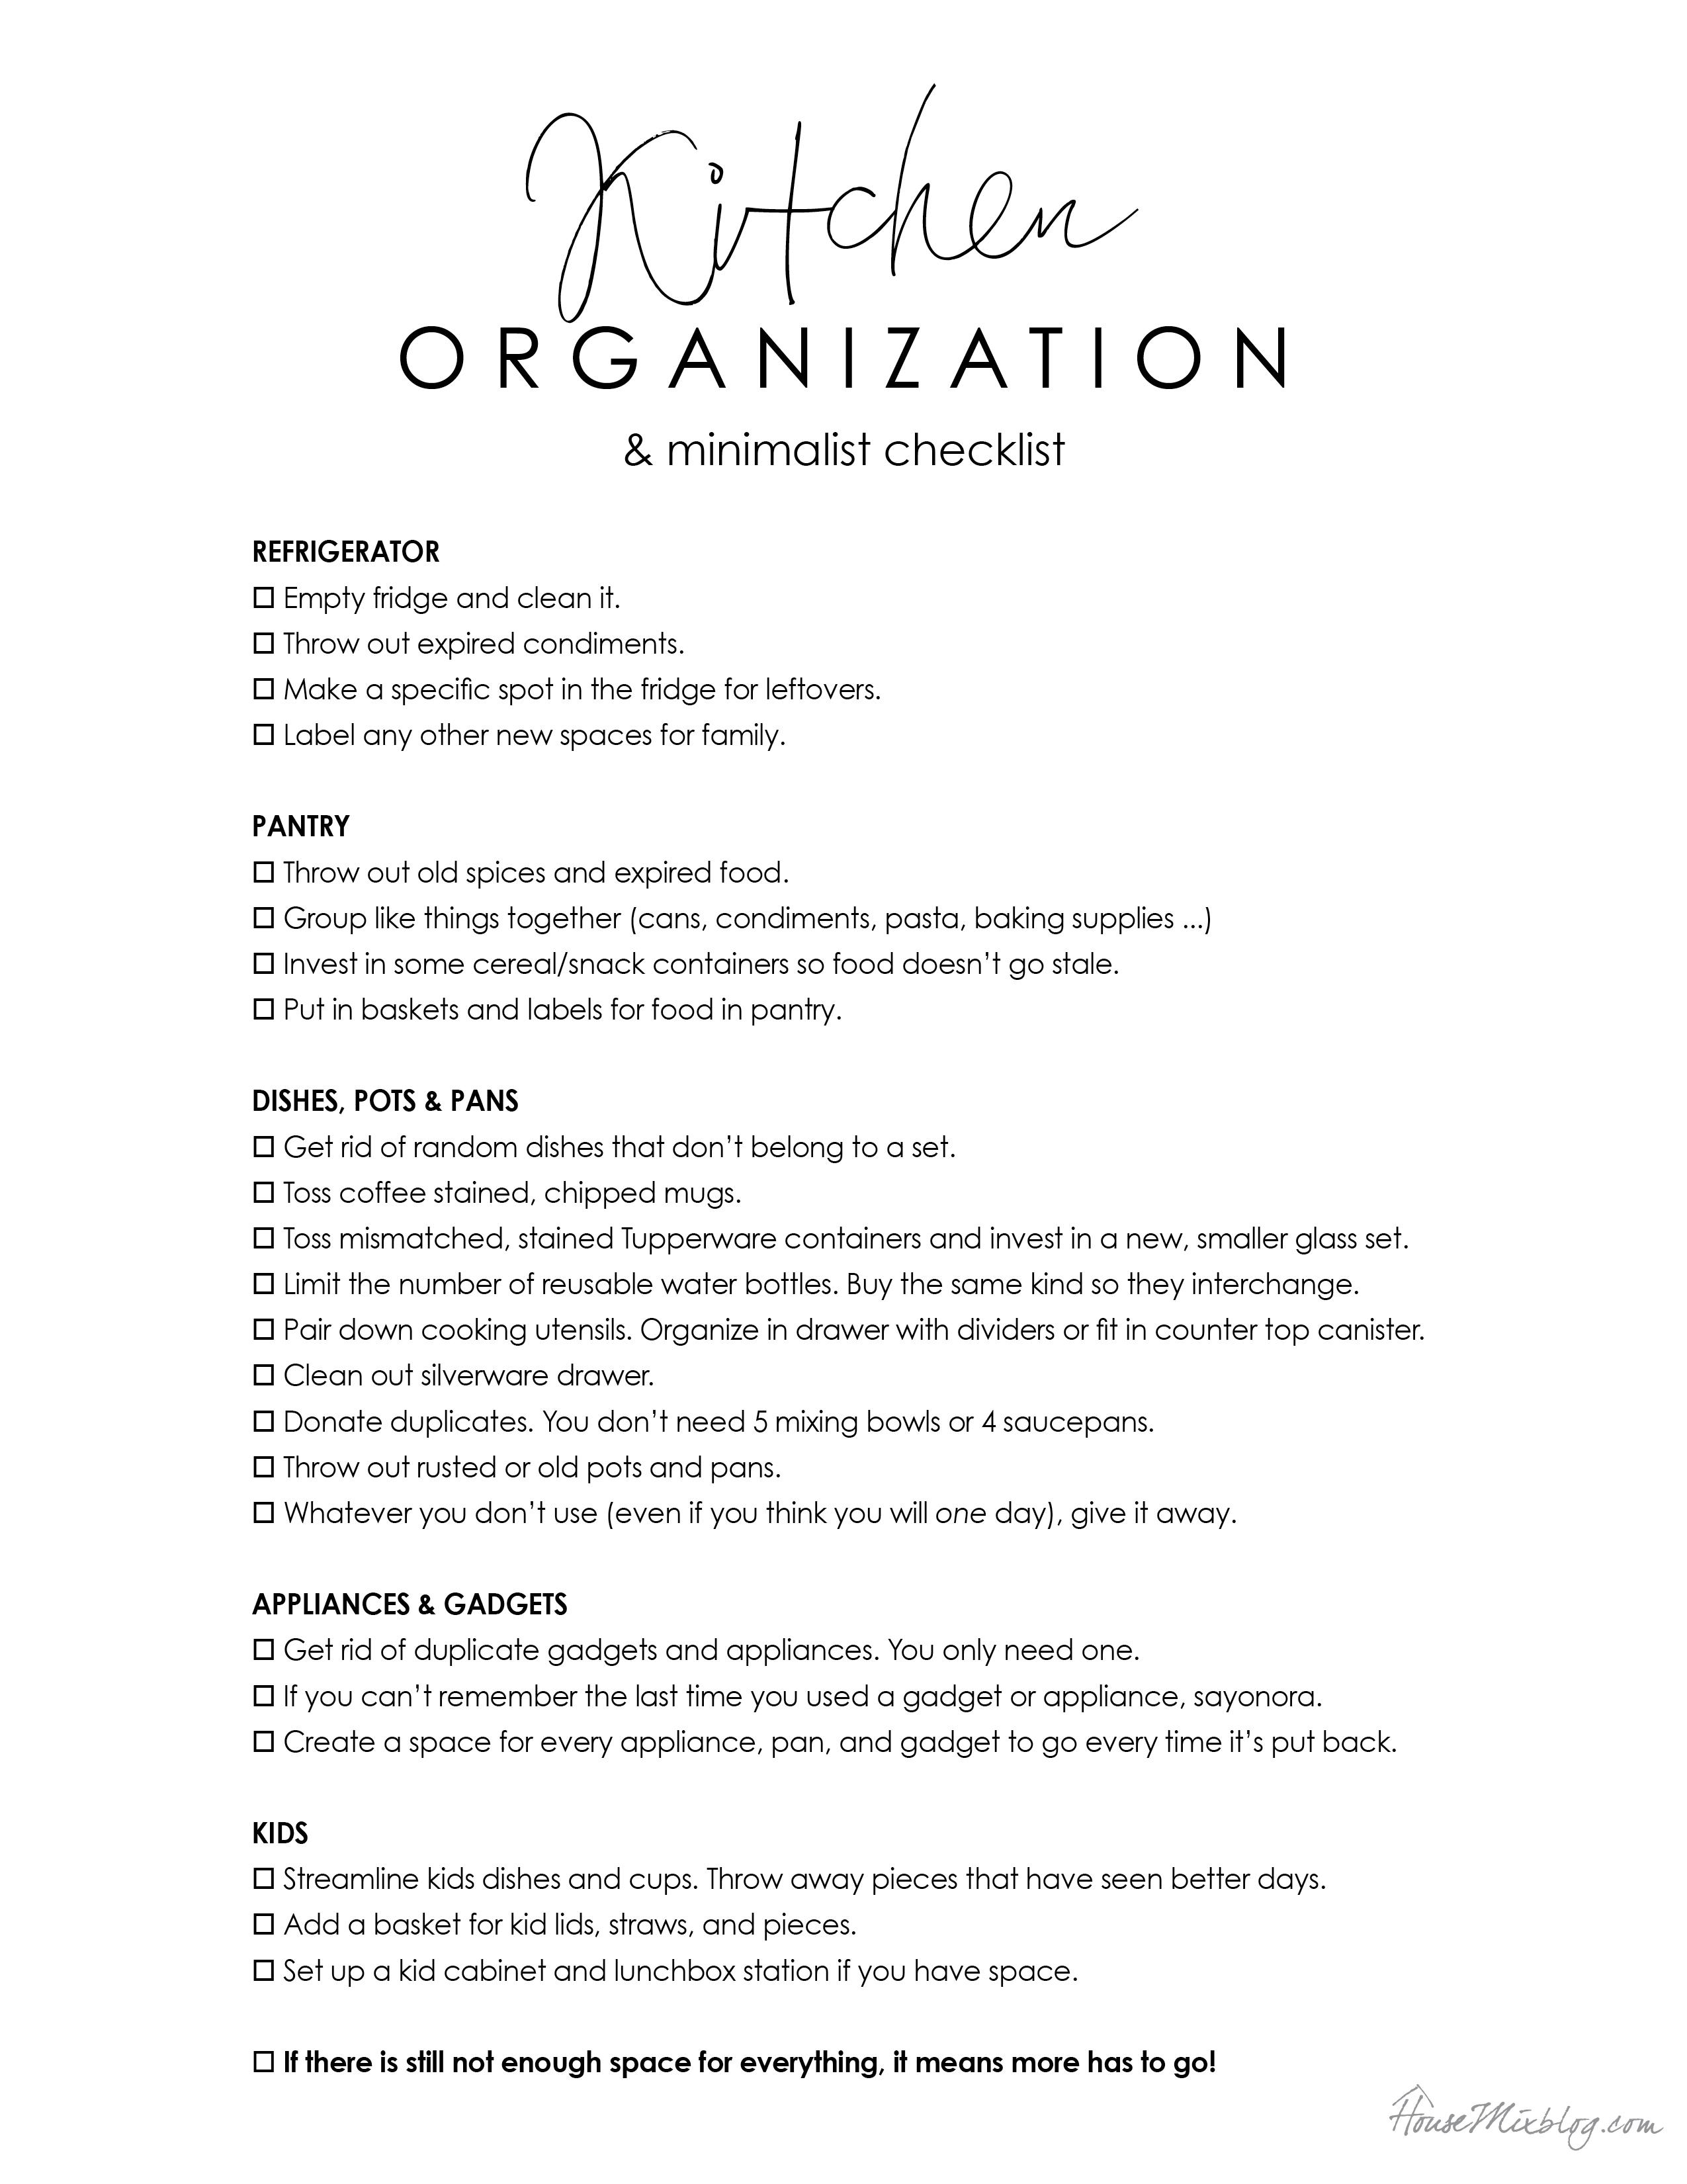 Kitchen organization and minimalist printable checklist